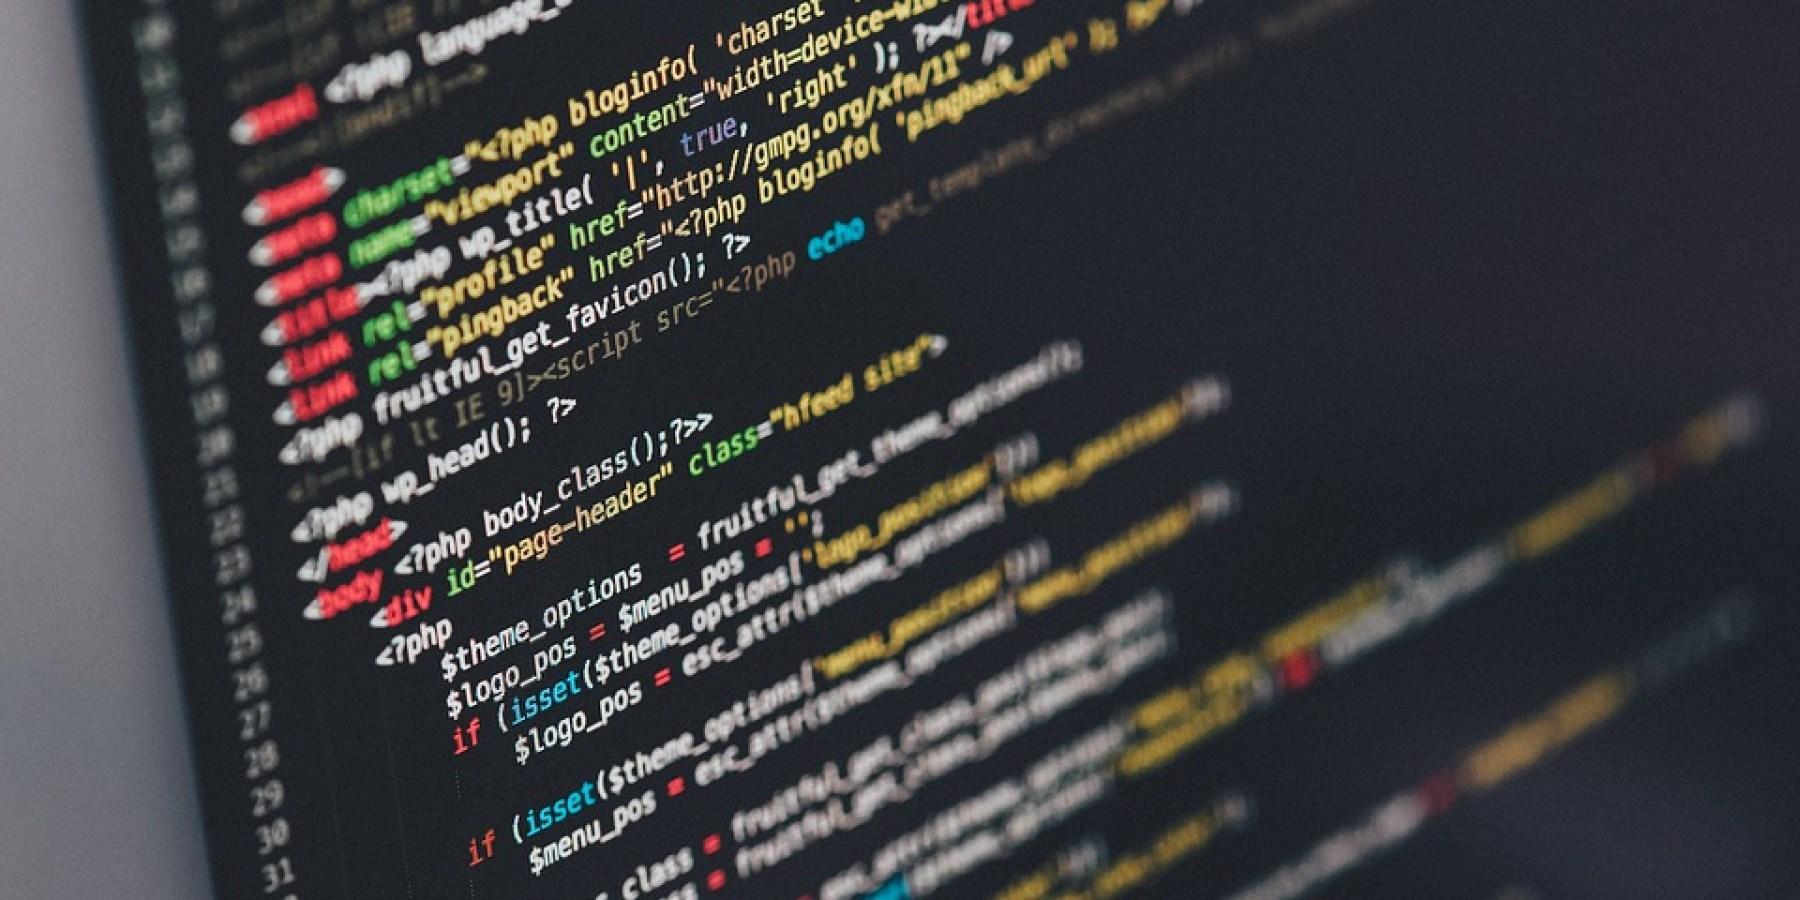 Workshop für Codings und Robotic